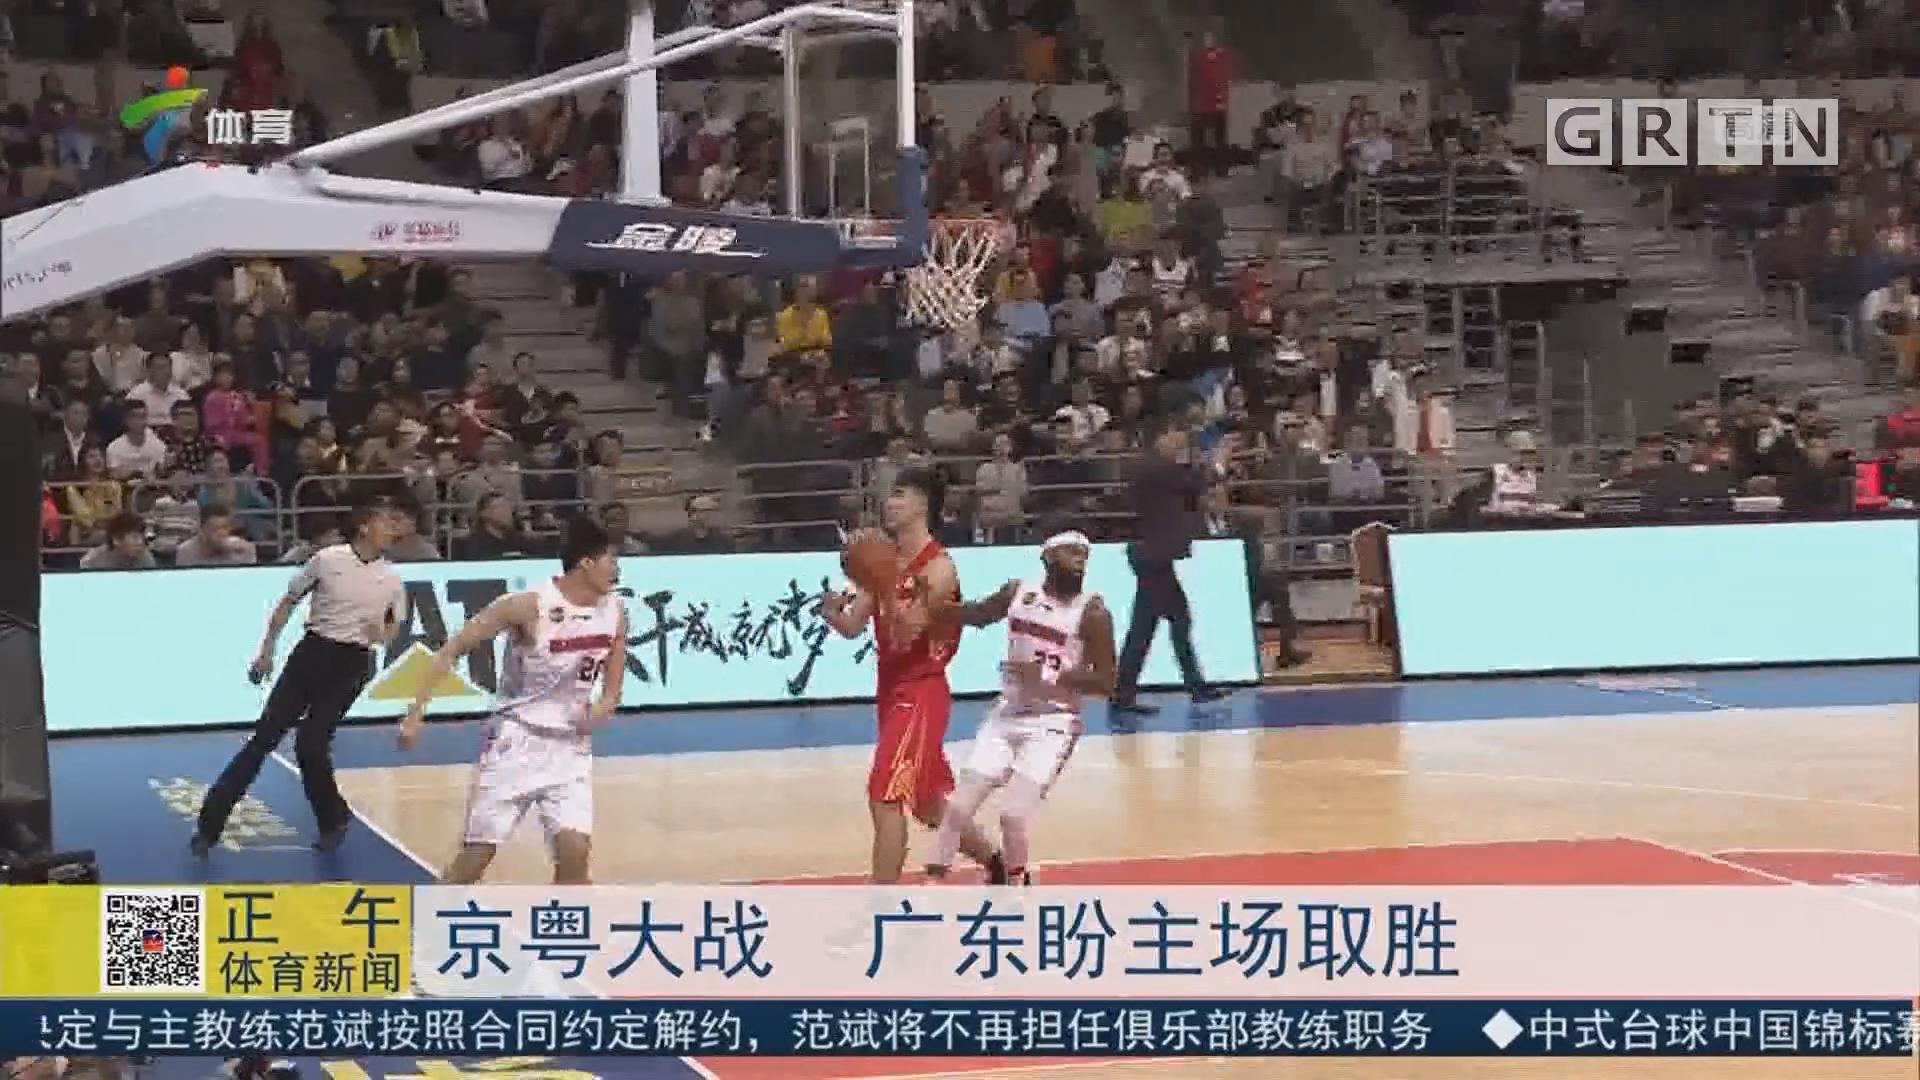 京粤大战 广东盼主场取胜